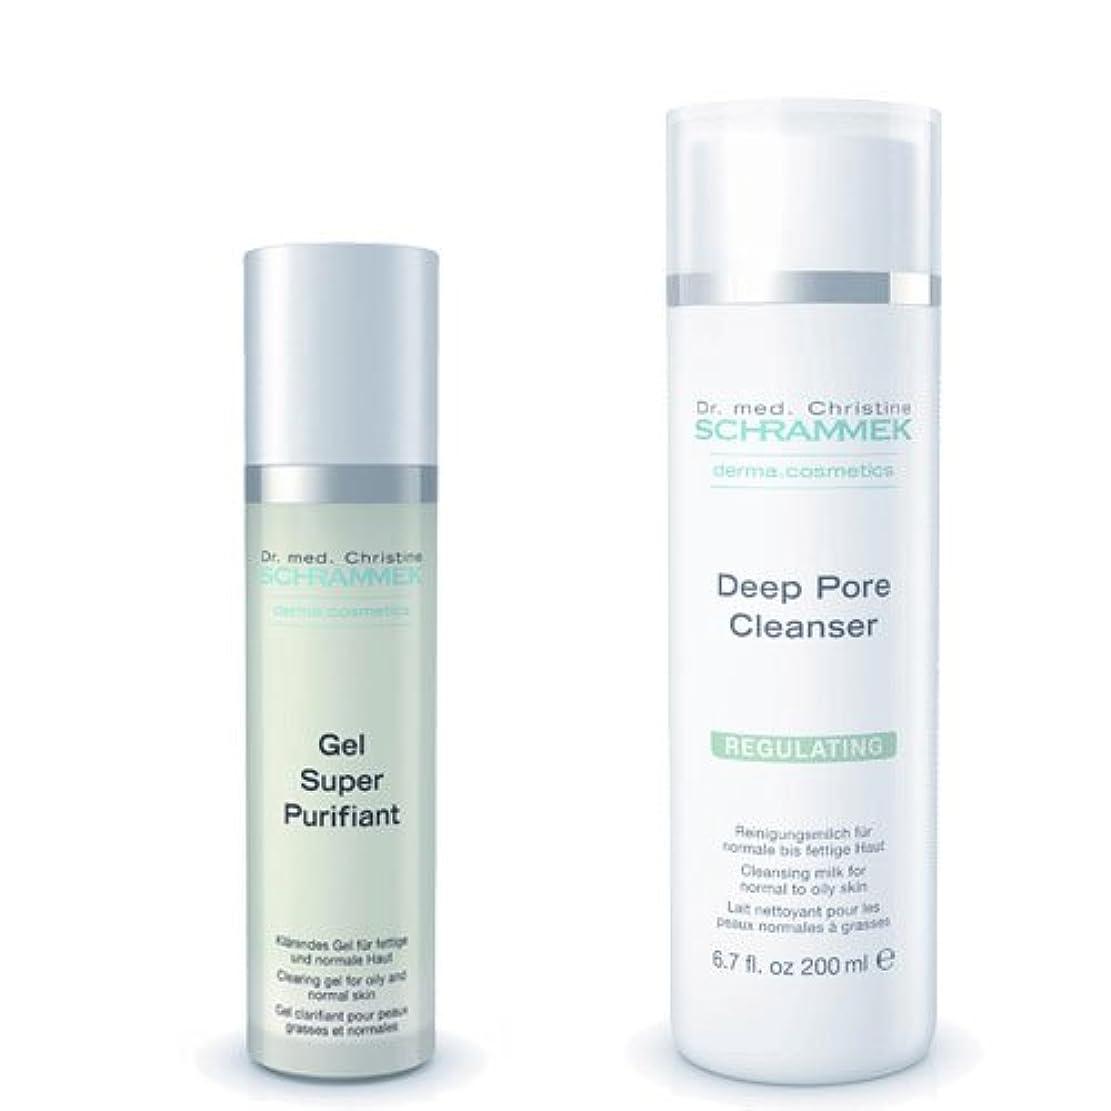 オープナー害の慈悲でシュラメック 「GREEN PEEL 洗顔2点セット(脂性肌用)」 ディープポアクレンザー&ジェルスーパーピュリフィアント